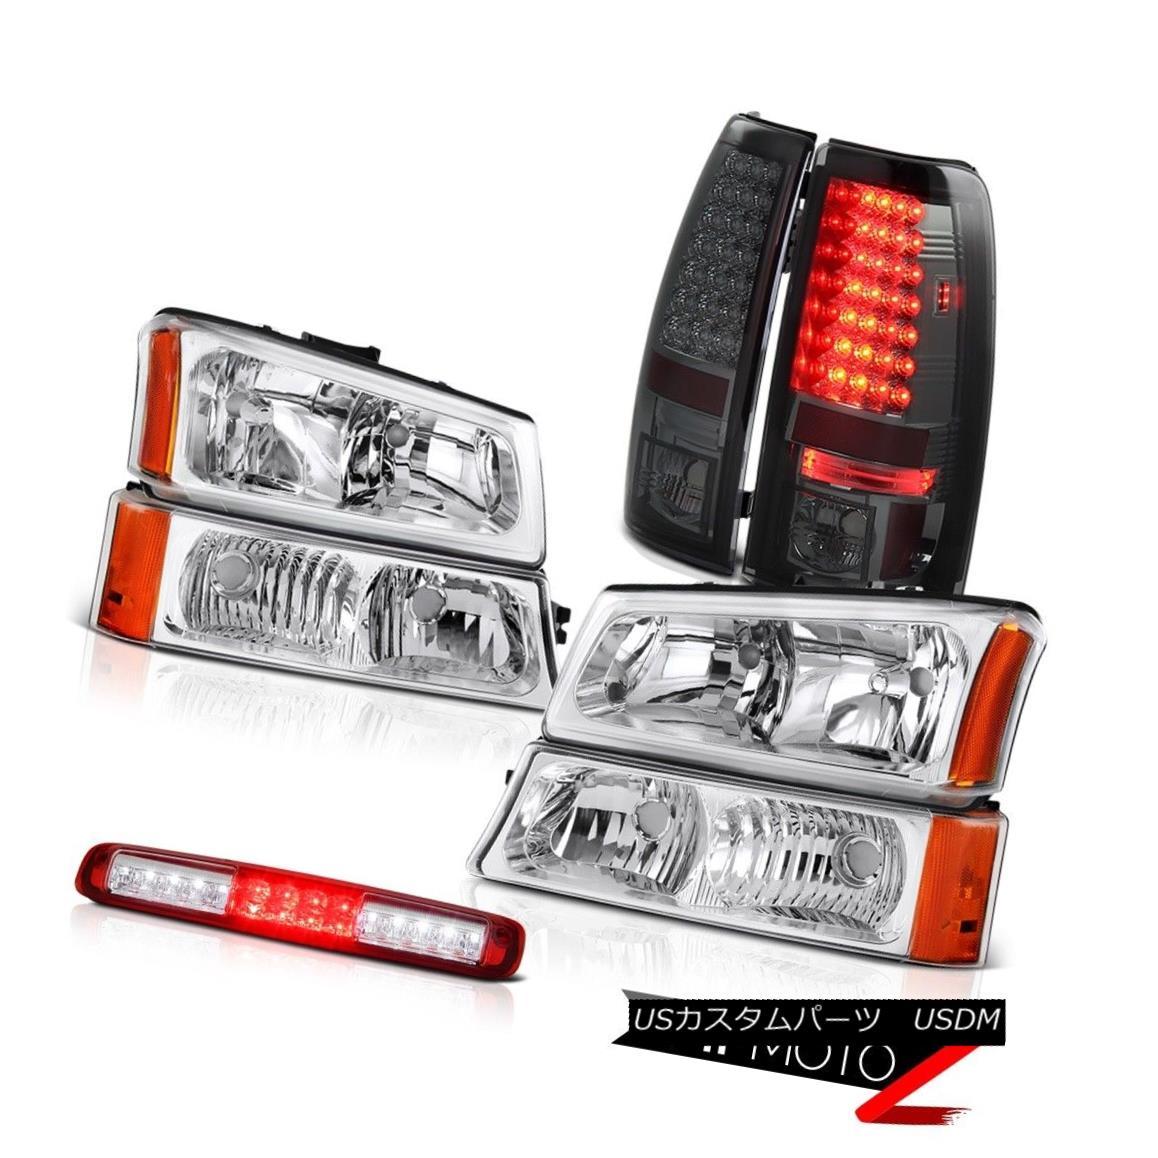 テールライト 03 04 05 06 Chevy Silverado Euro Chrome Headlamps Red Third Brake Lamp Taillamps 03 04 05 06 Chevy Silveradoユーロクロームヘッドランプレッド第3ブレーキランプタイルランプ